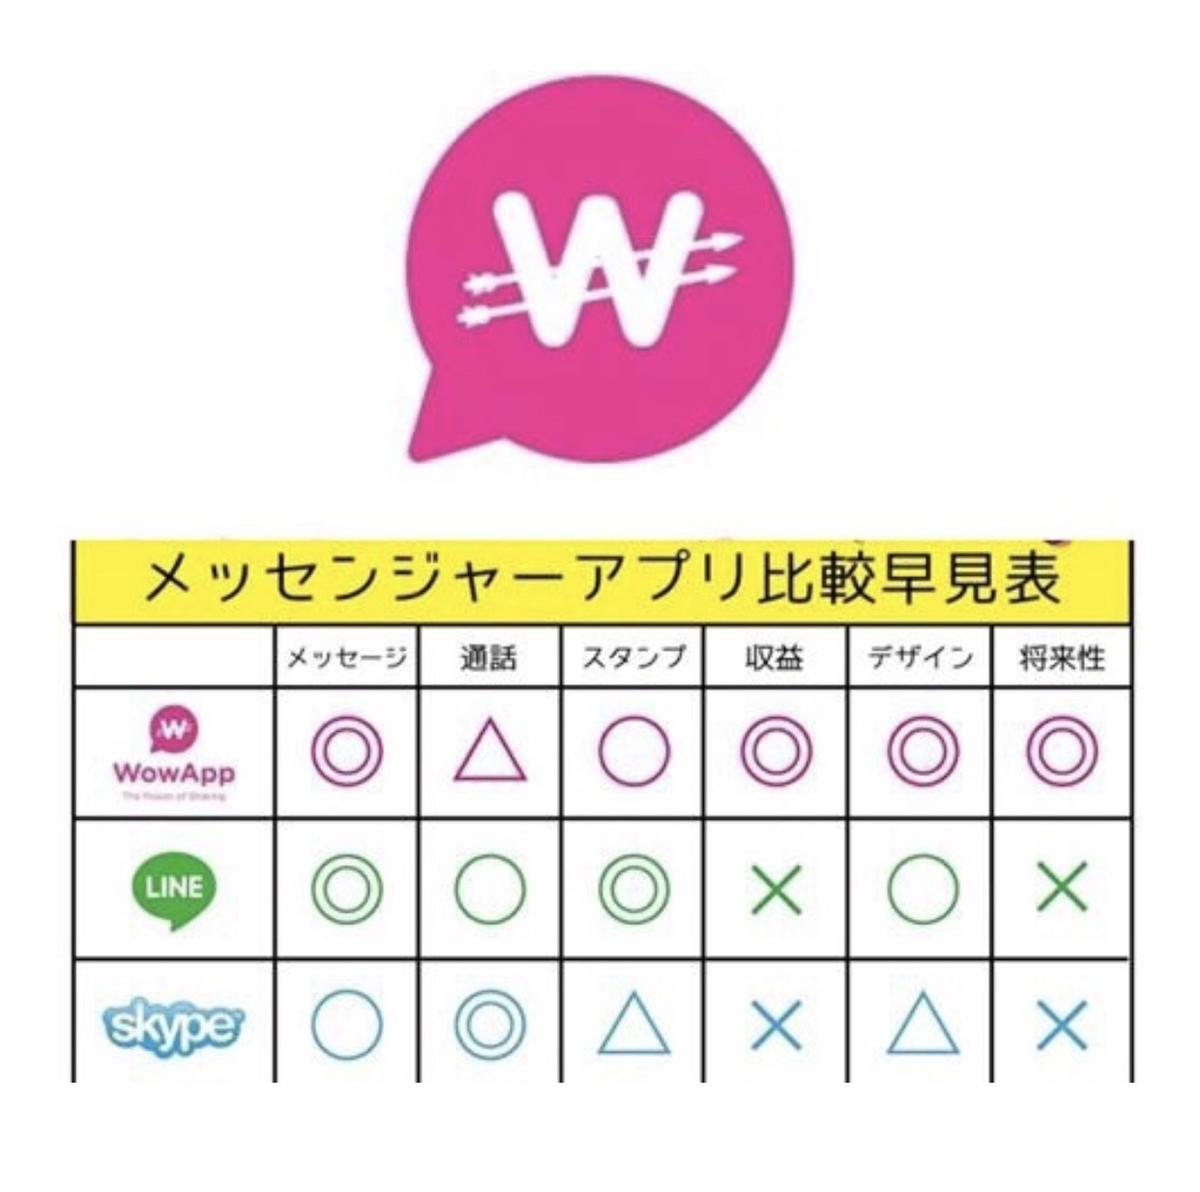 f:id:kaoruikeda:20200910123855j:plain